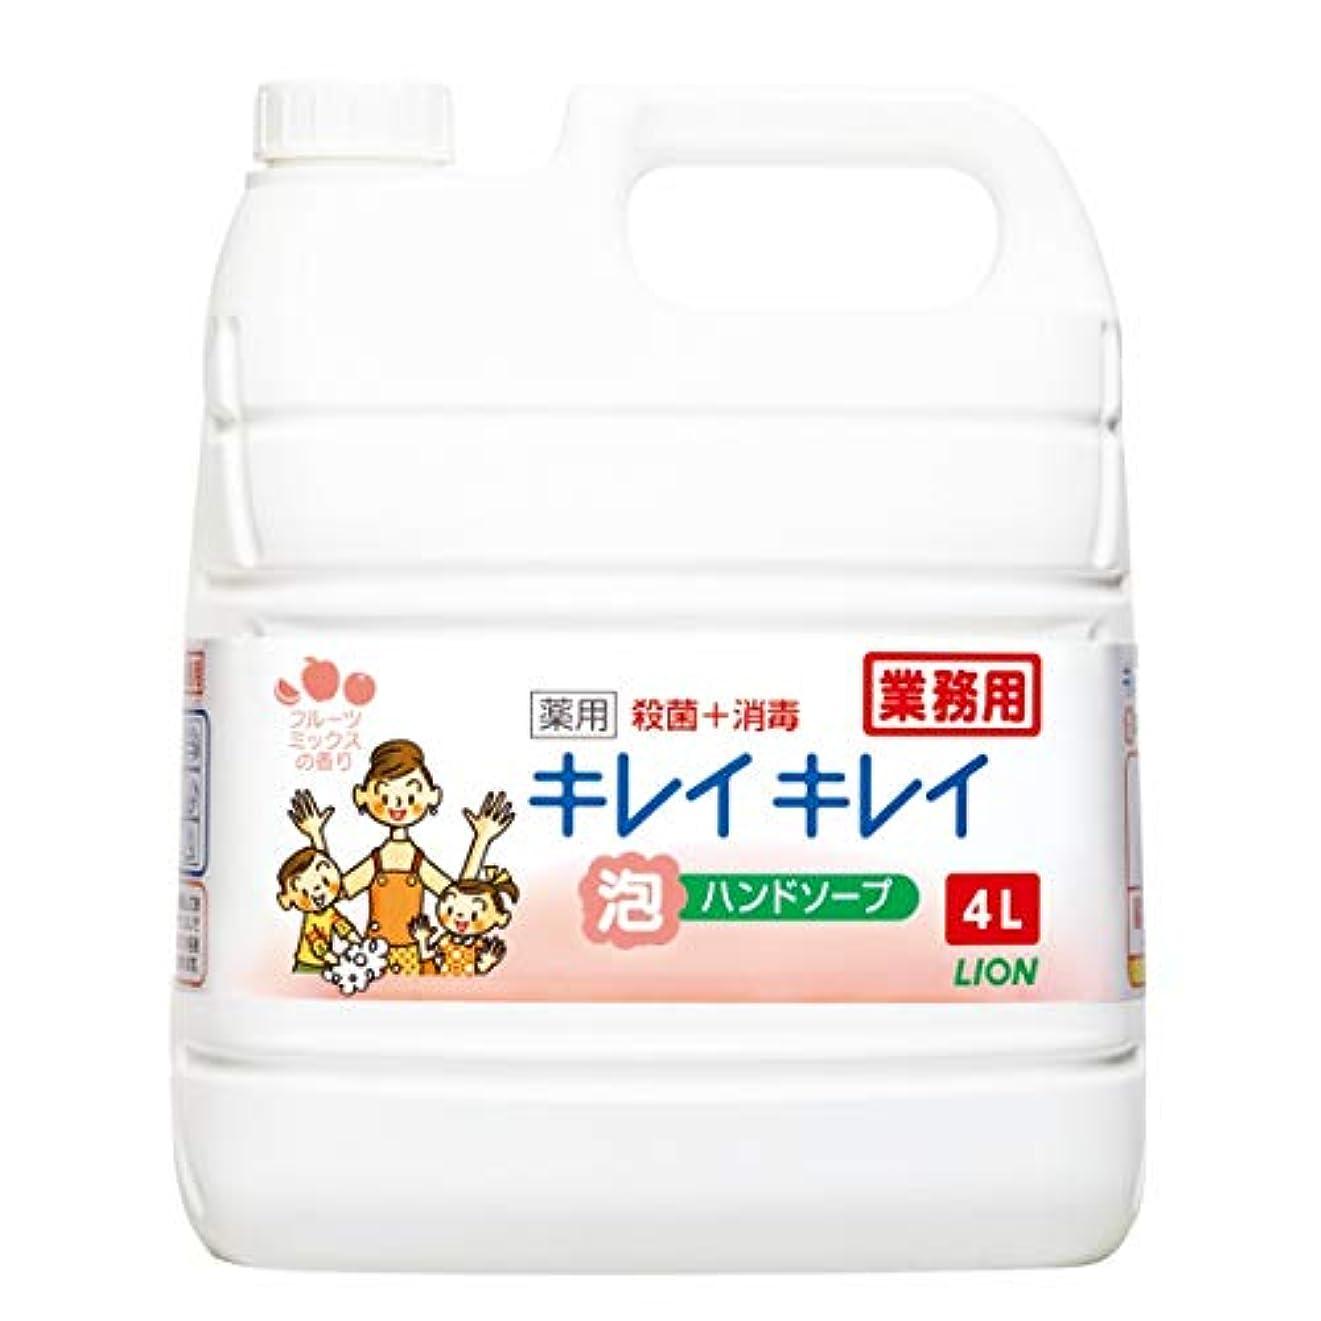 かける敬礼私たち自身【業務用 大容量】キレイキレイ 薬用 泡ハンドソープフルーツミックスの香り 4L(医薬部外品)